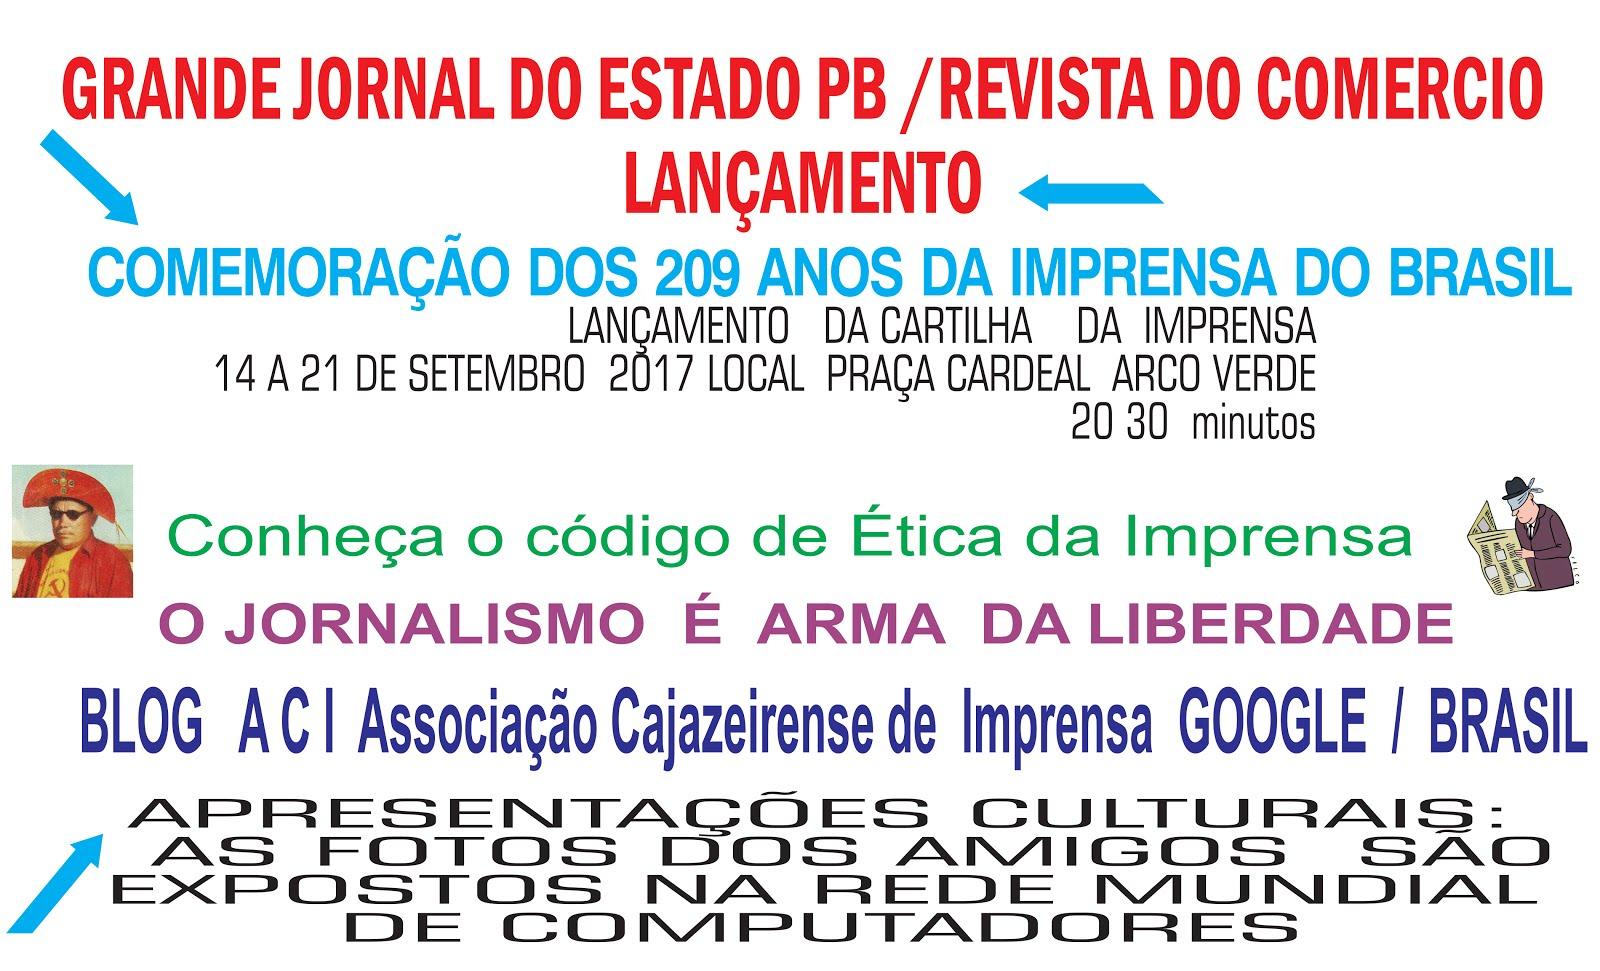 blog; NOVA A C I    ASSOCIAÇÃO CAJAZEIRENSE  DE  IMPRENSA  CAJAZEIRAS PB  BREVE  NOVA DIRETORIA